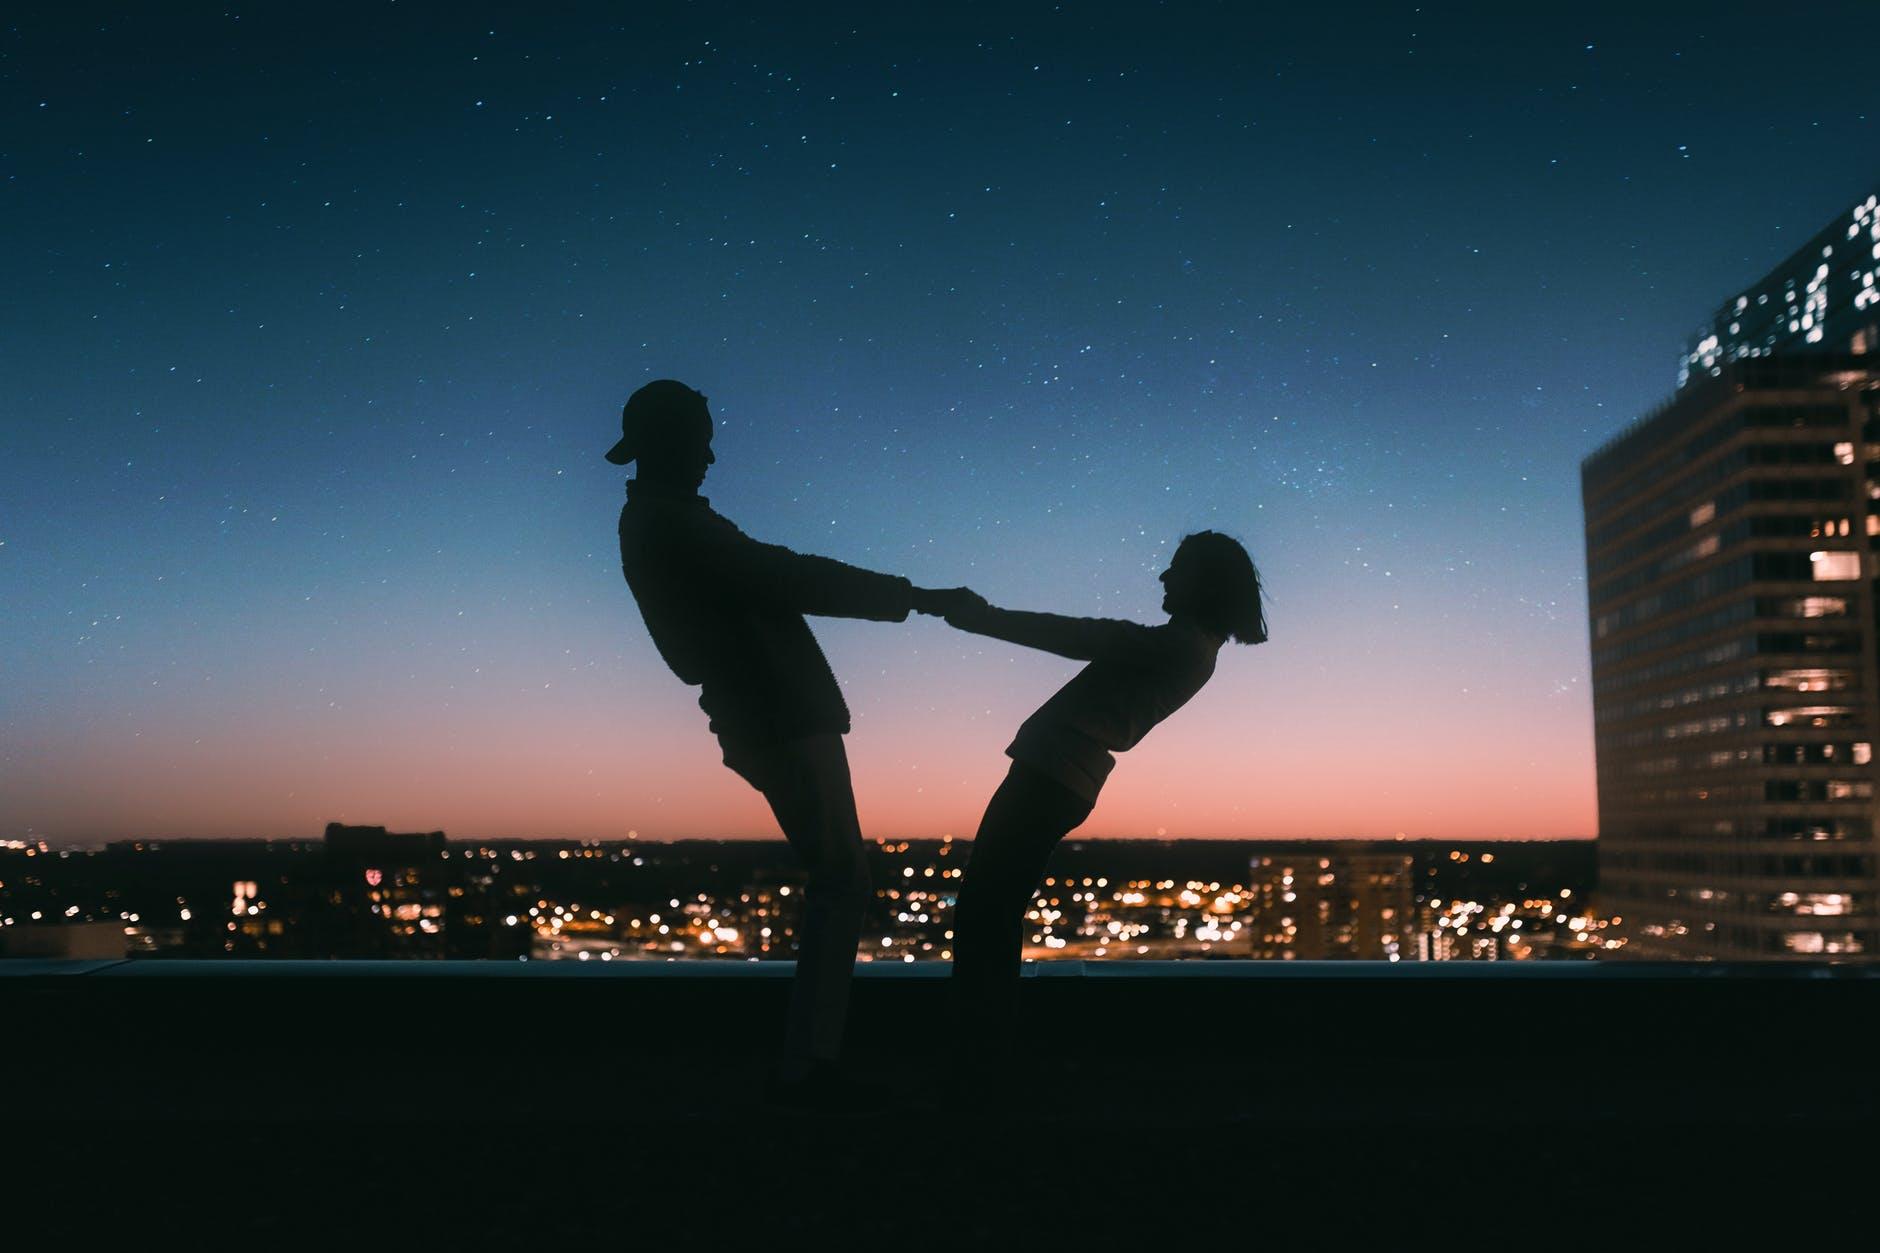 婚姻不幸福,夫妻關係愈演愈烈,說一個你沒有察覺到的主要原因